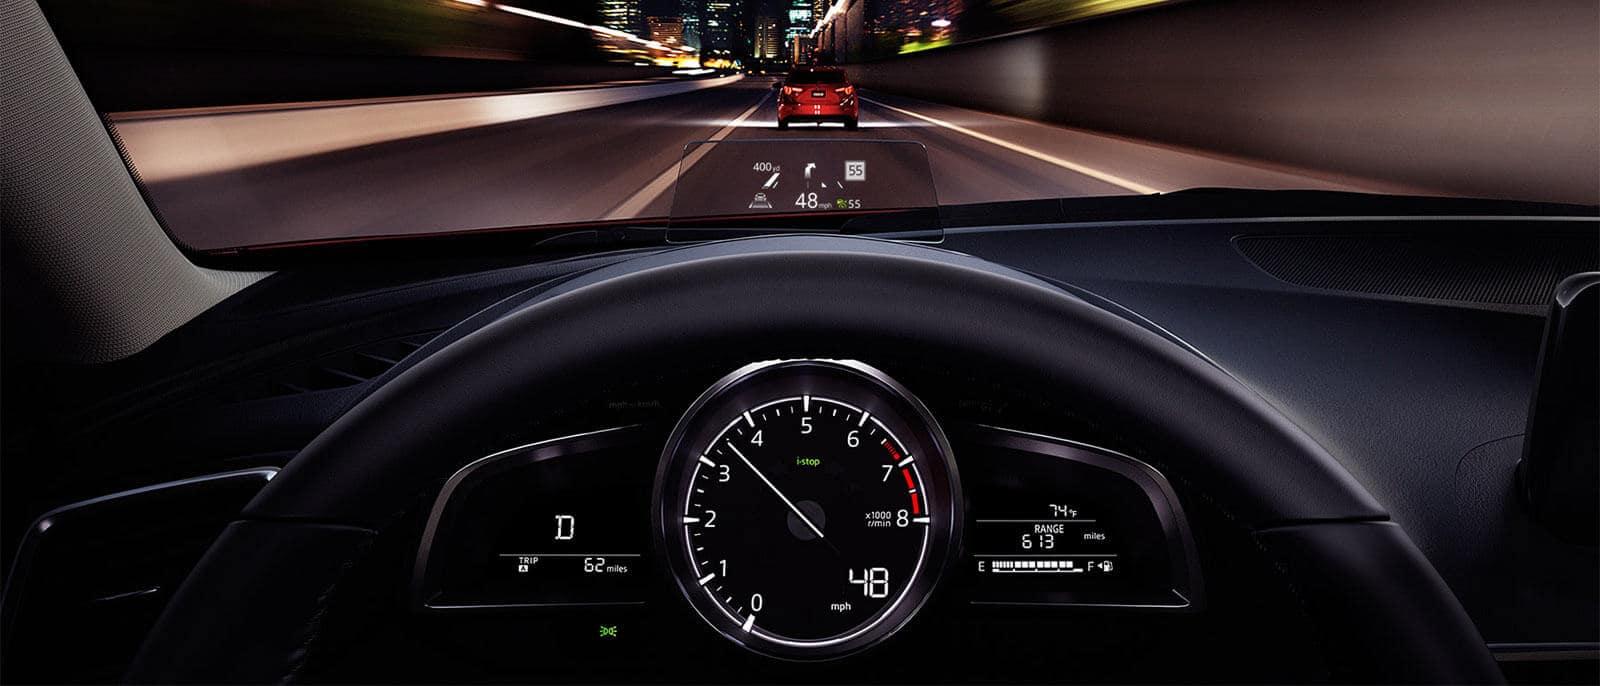 2018-Mazda-3-Sedan-Dashboard